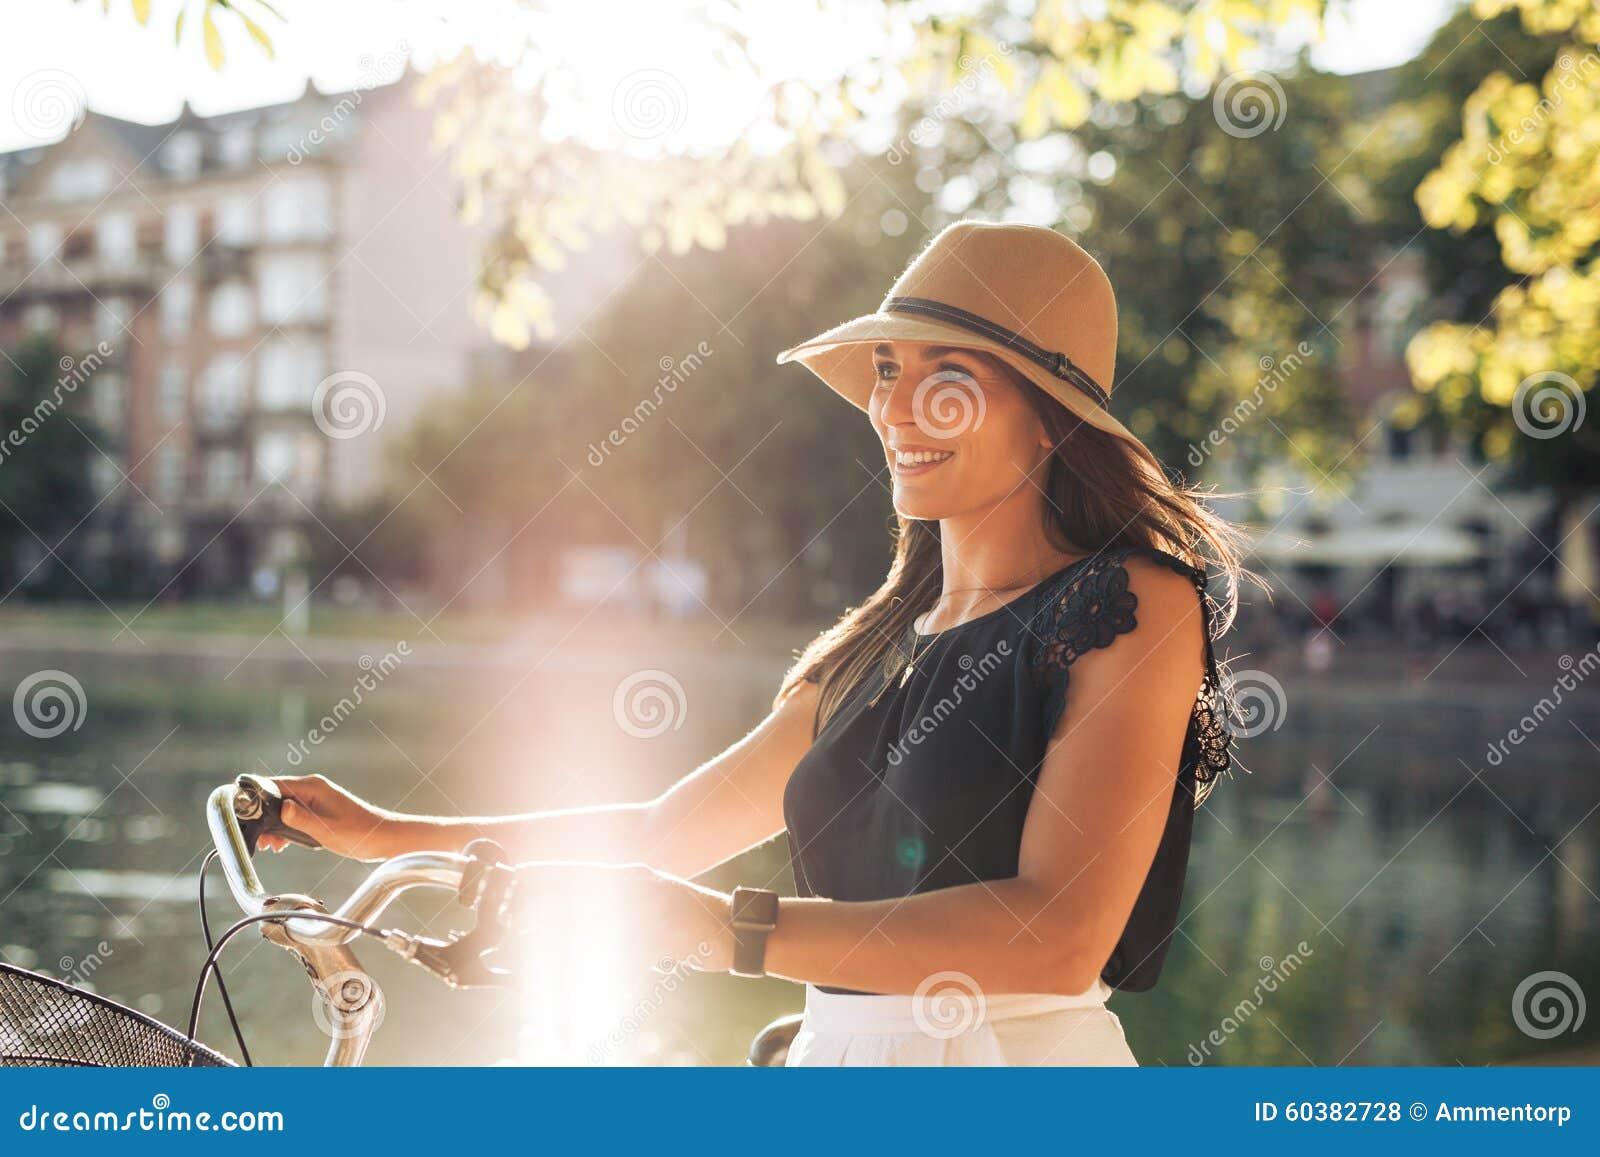 Porträt der glücklichen jungen Frau am Stadtpark gehend mit ihrem Fahrrad